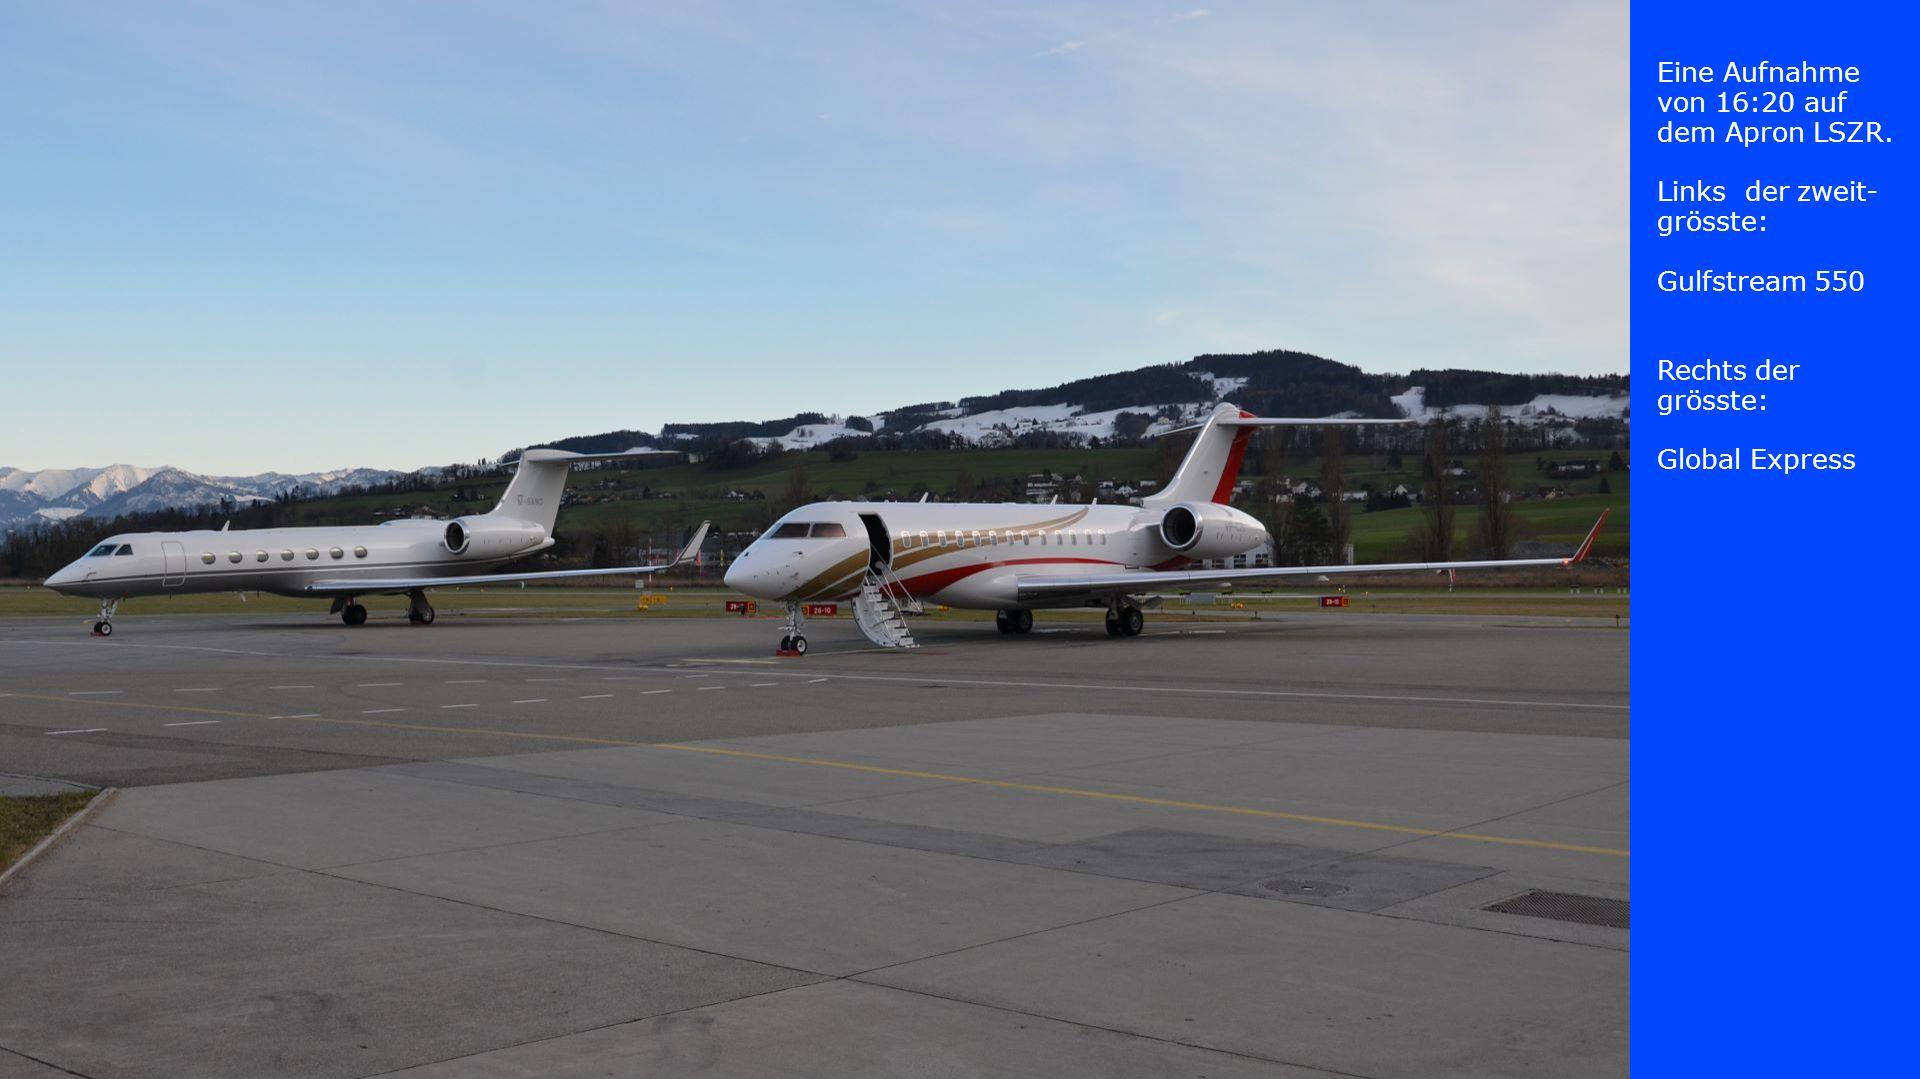 Eine Aufnahme von 16:20 auf dem Apron LSZR. Links der zweit- grösste: Gulfstream 550 Rechts der grösste: Global Express